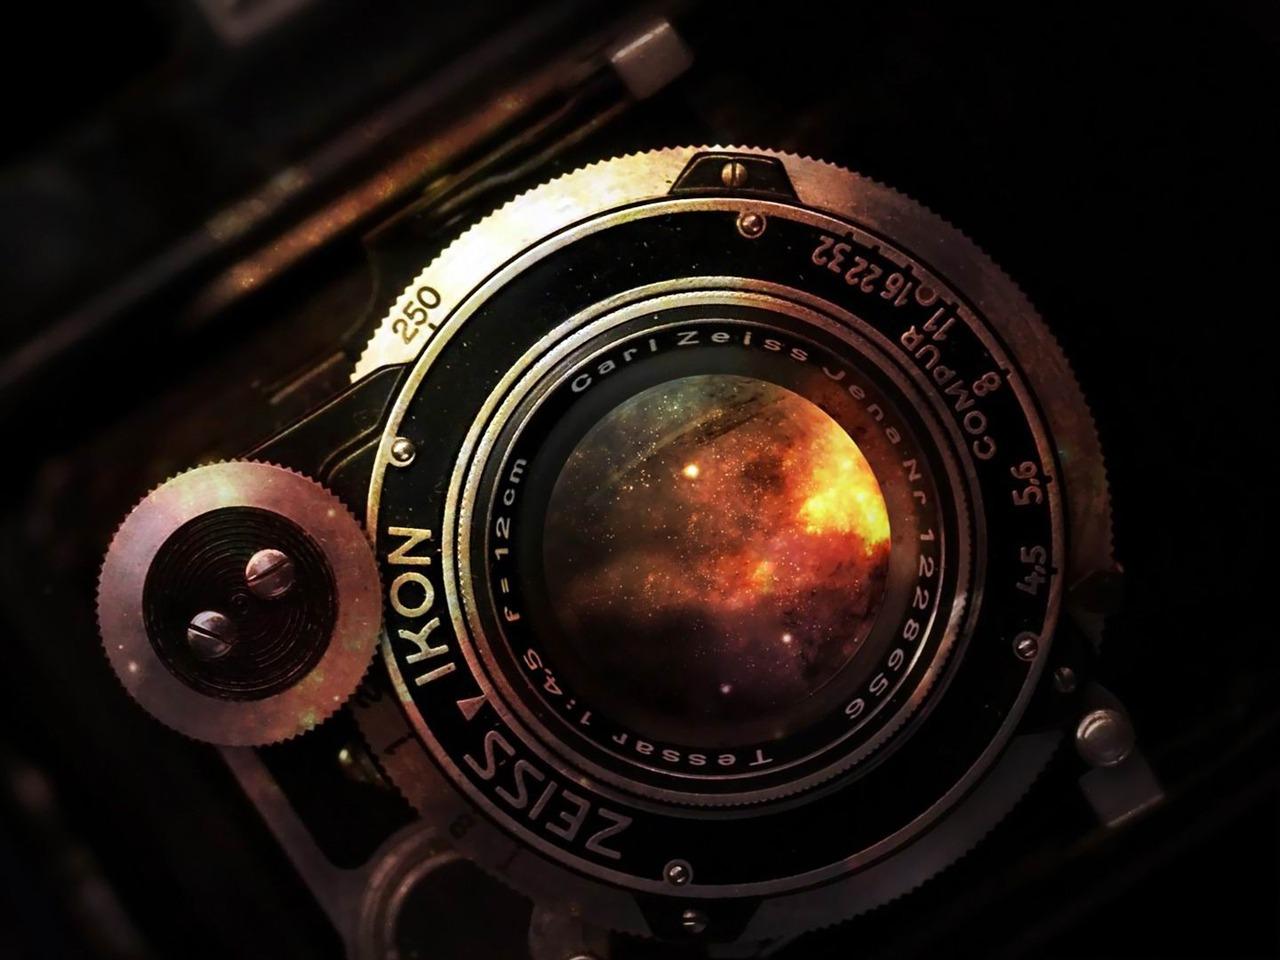 l'espace dans la lentille appareil photo vintage-World Photography Fond d'écran Aperçu ...